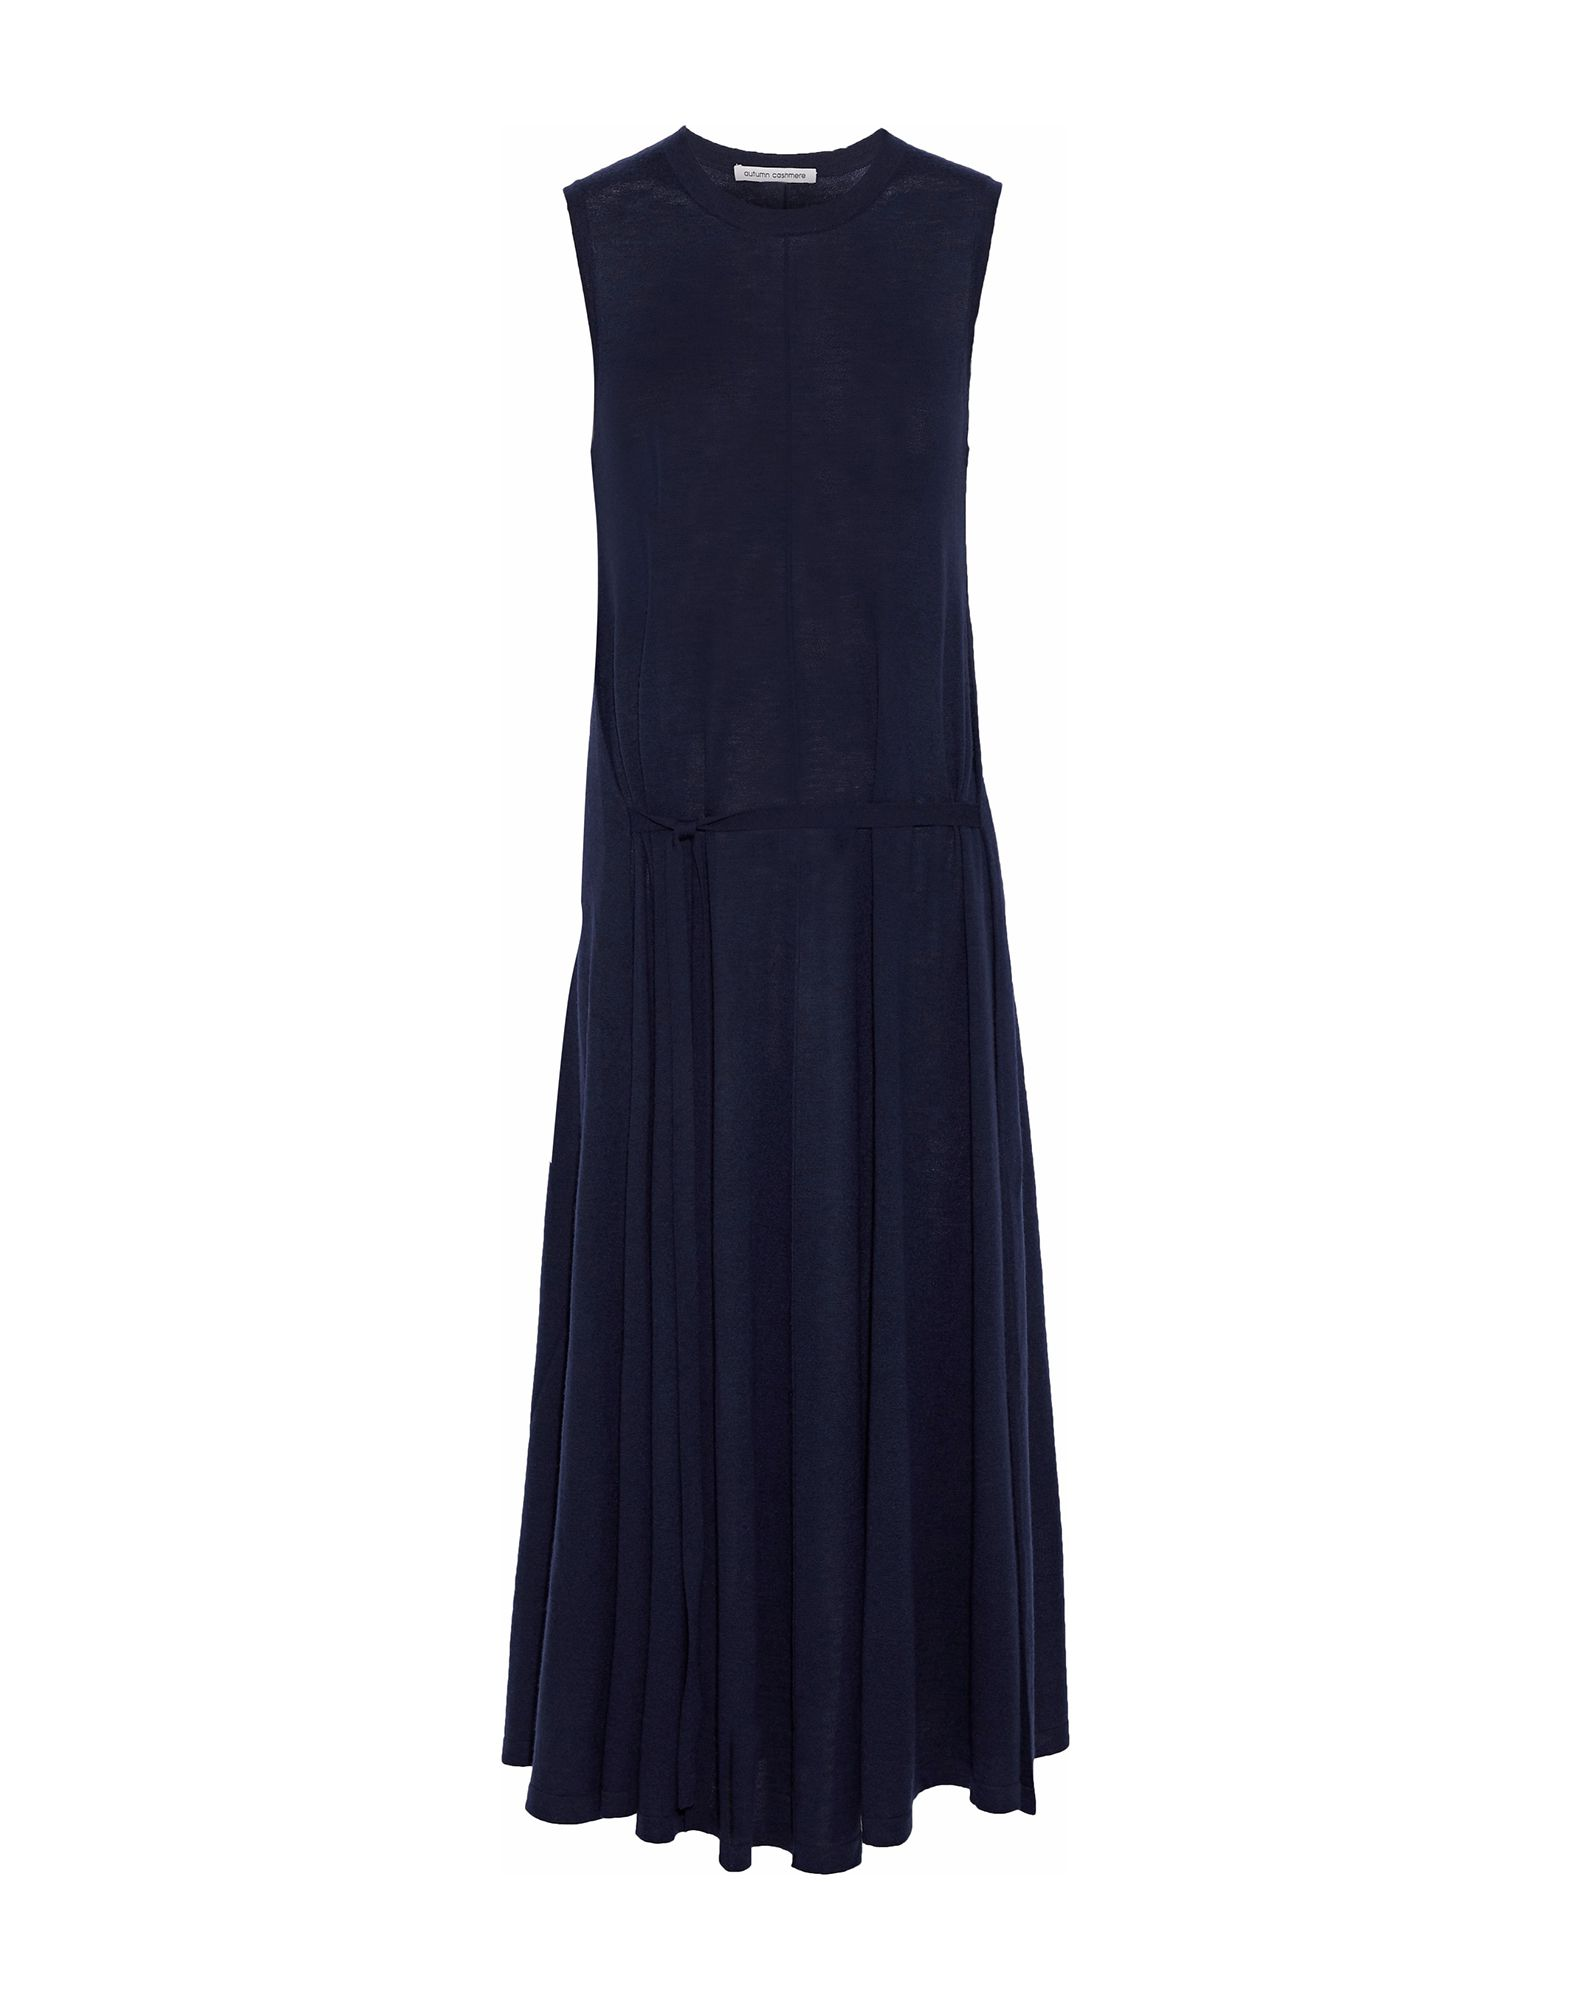 AUTUMN CASHMERE Платье длиной 3/4